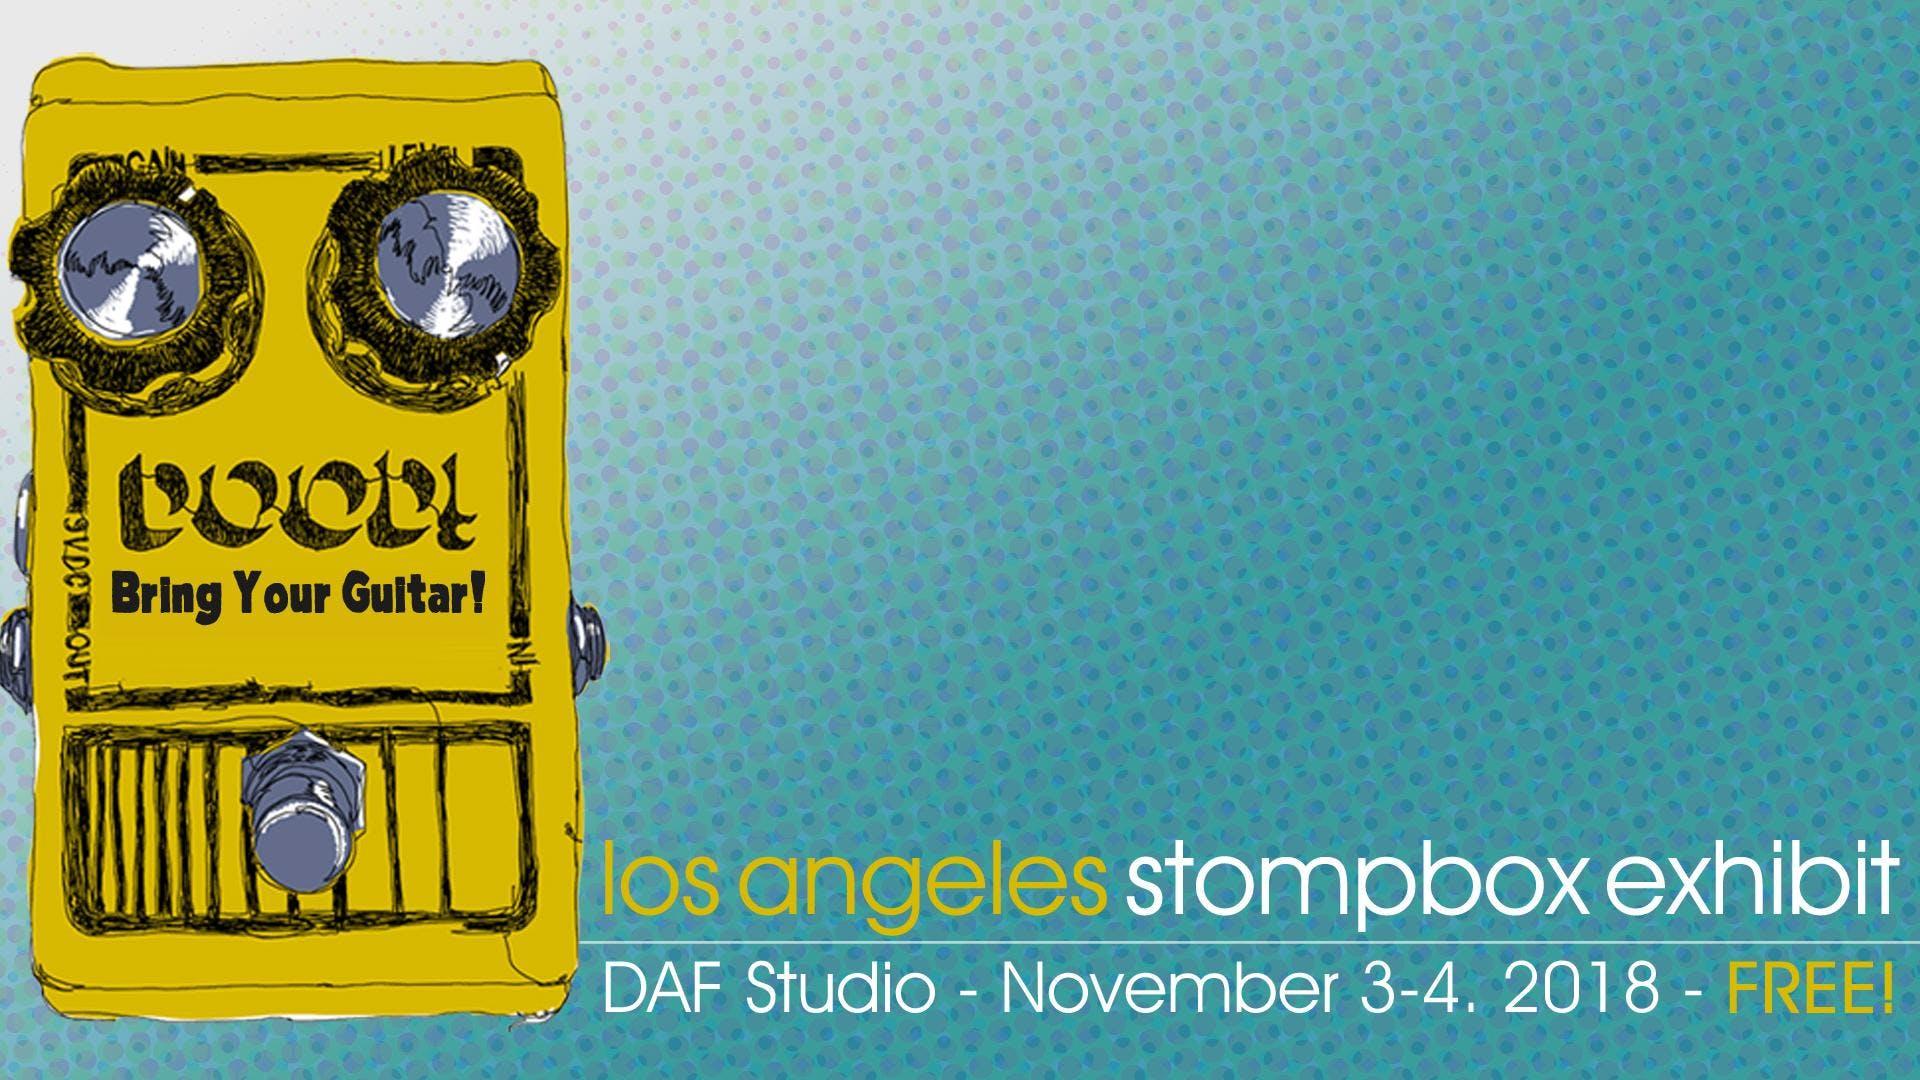 Los Angeles Stompbox Exhibit